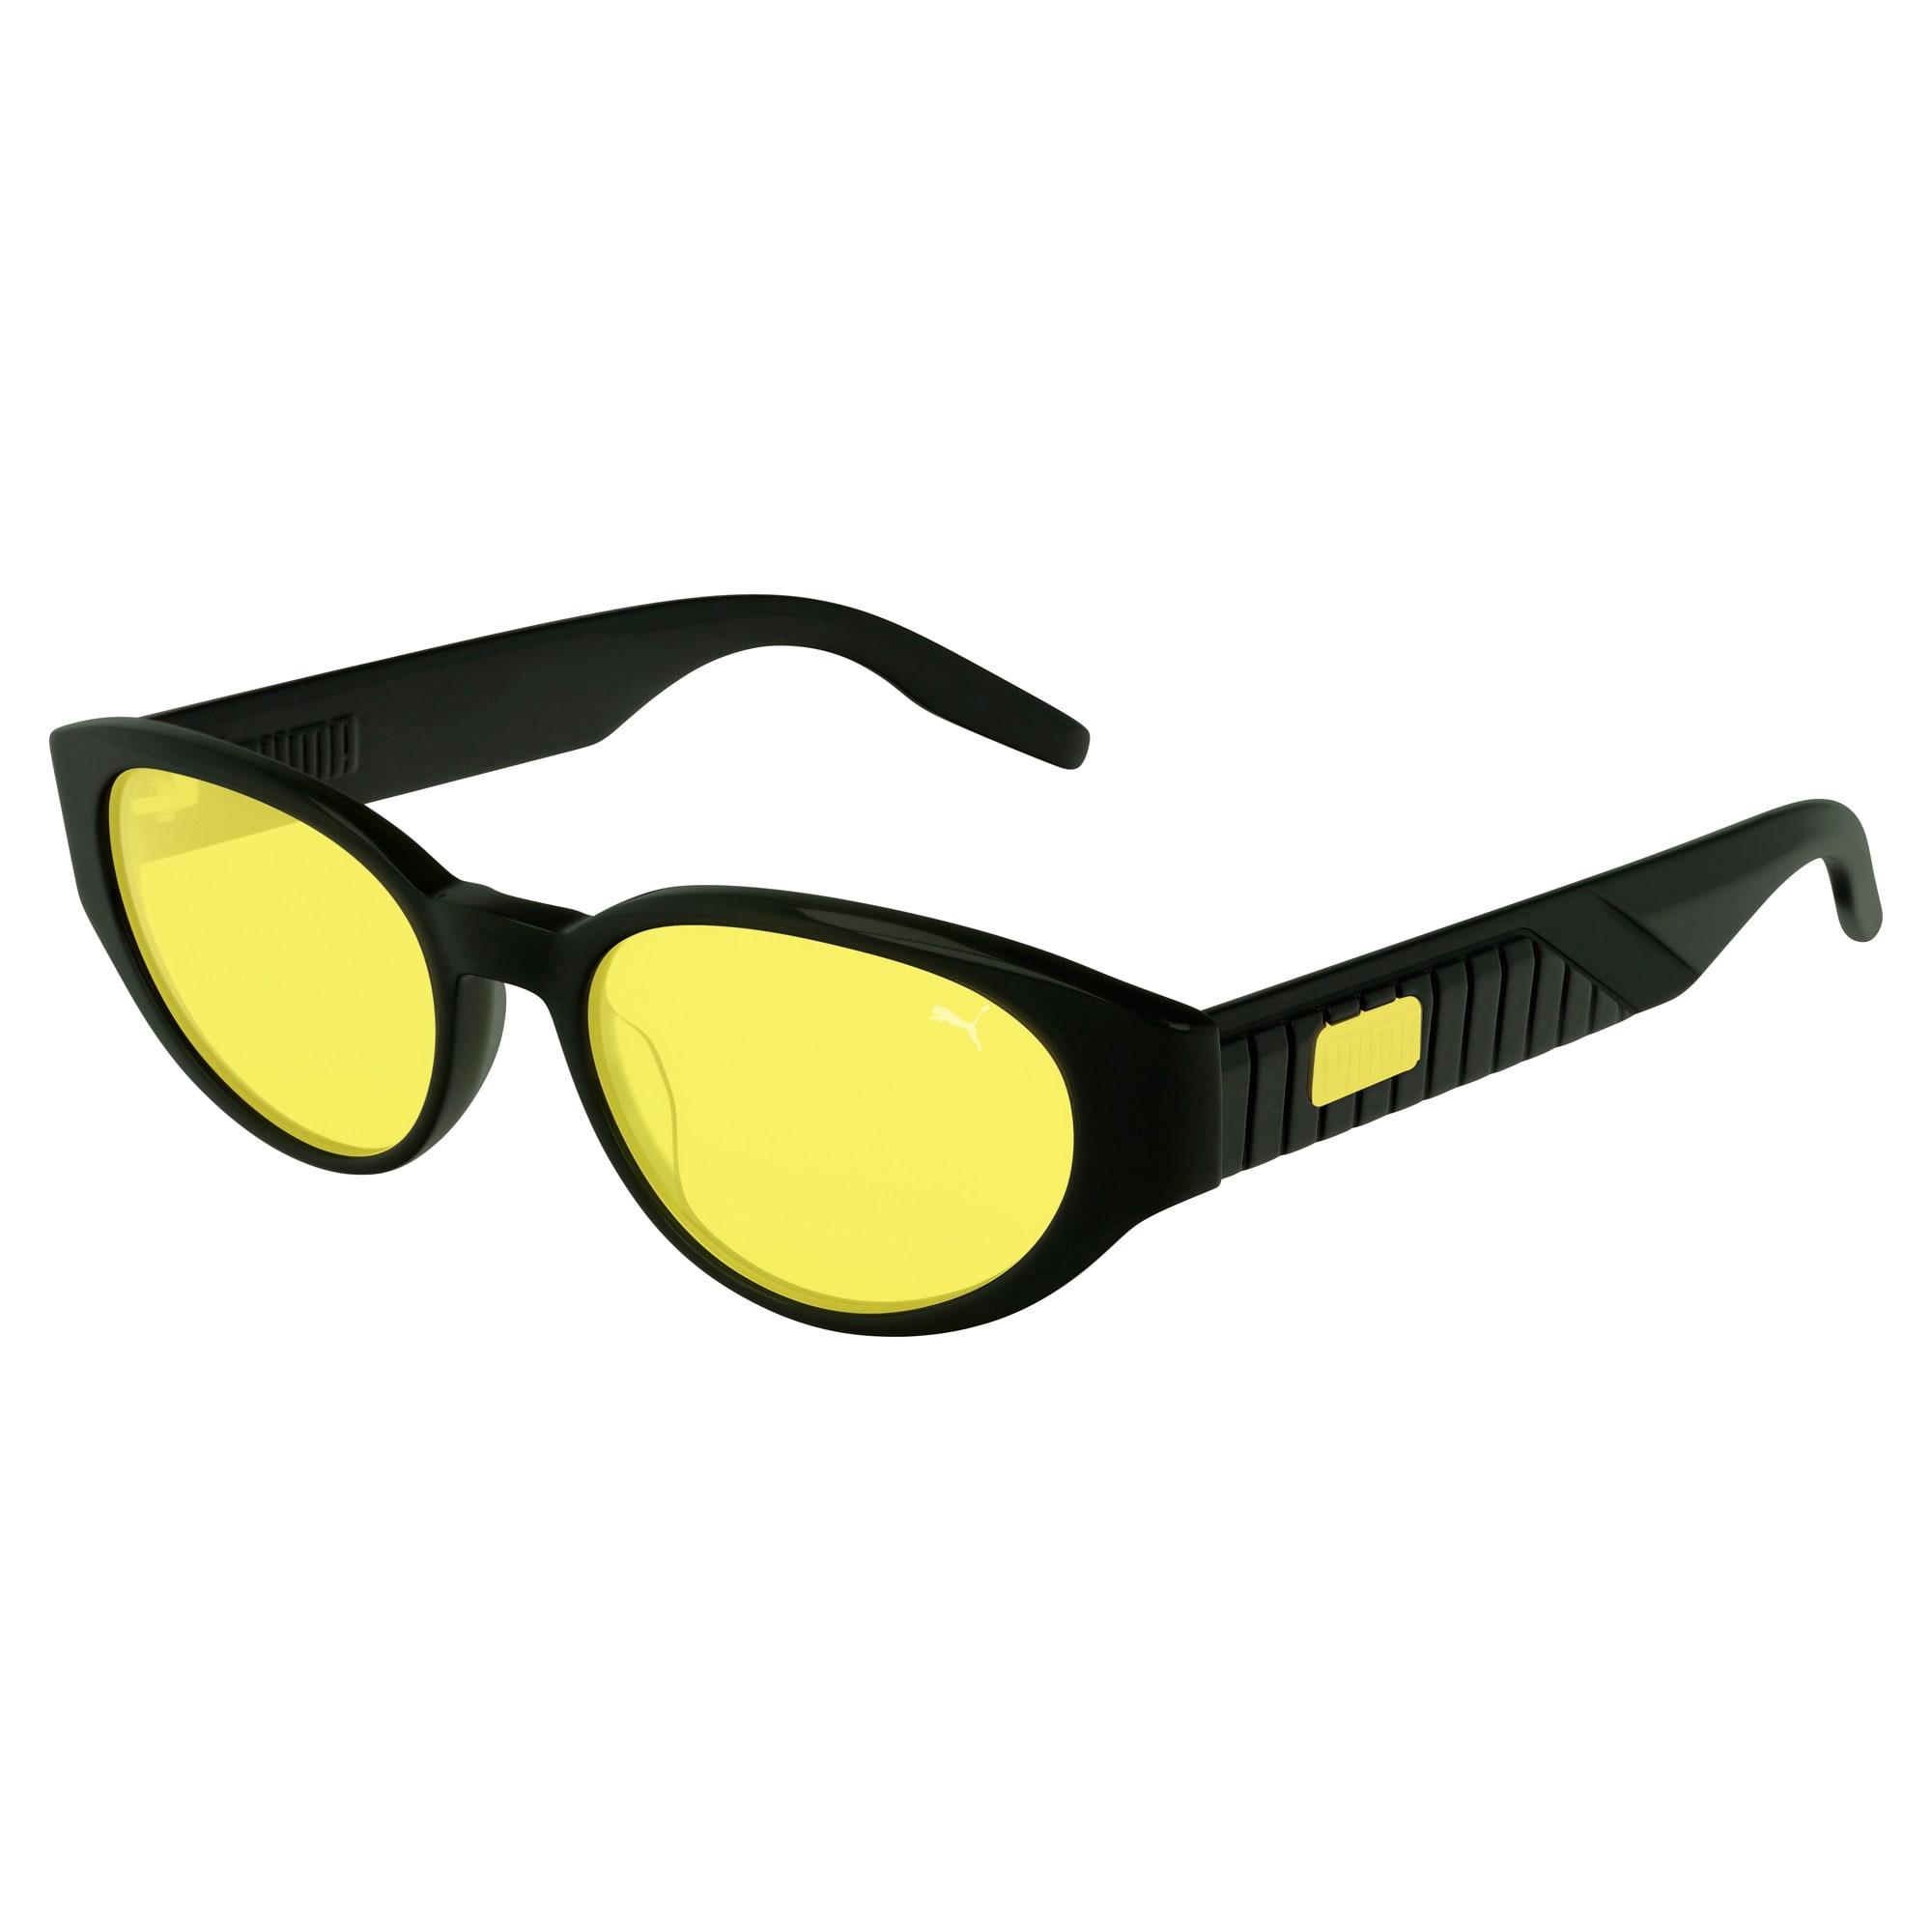 Victoria Beach zonnebril voor Dames, Groen/Geel | PUMA